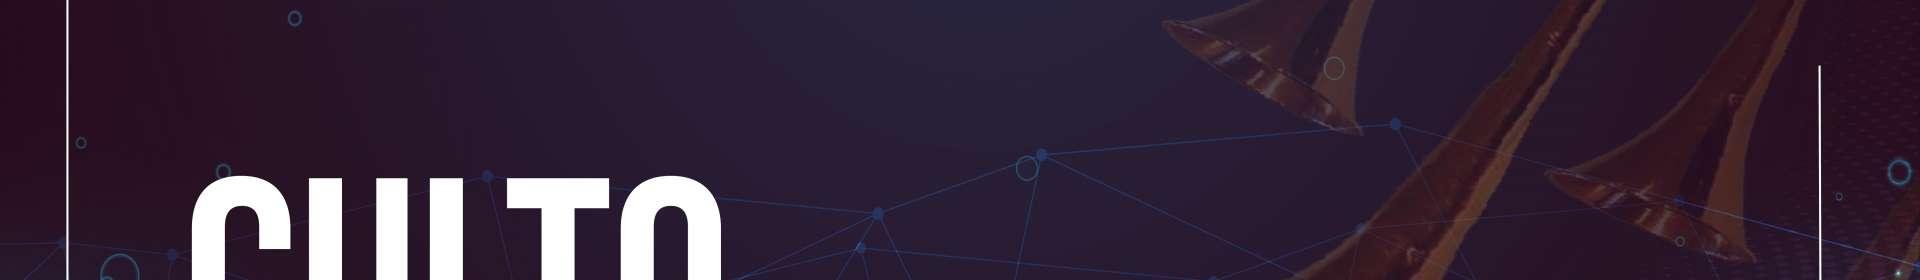 Culto via satélite exibido em 26/01/2020